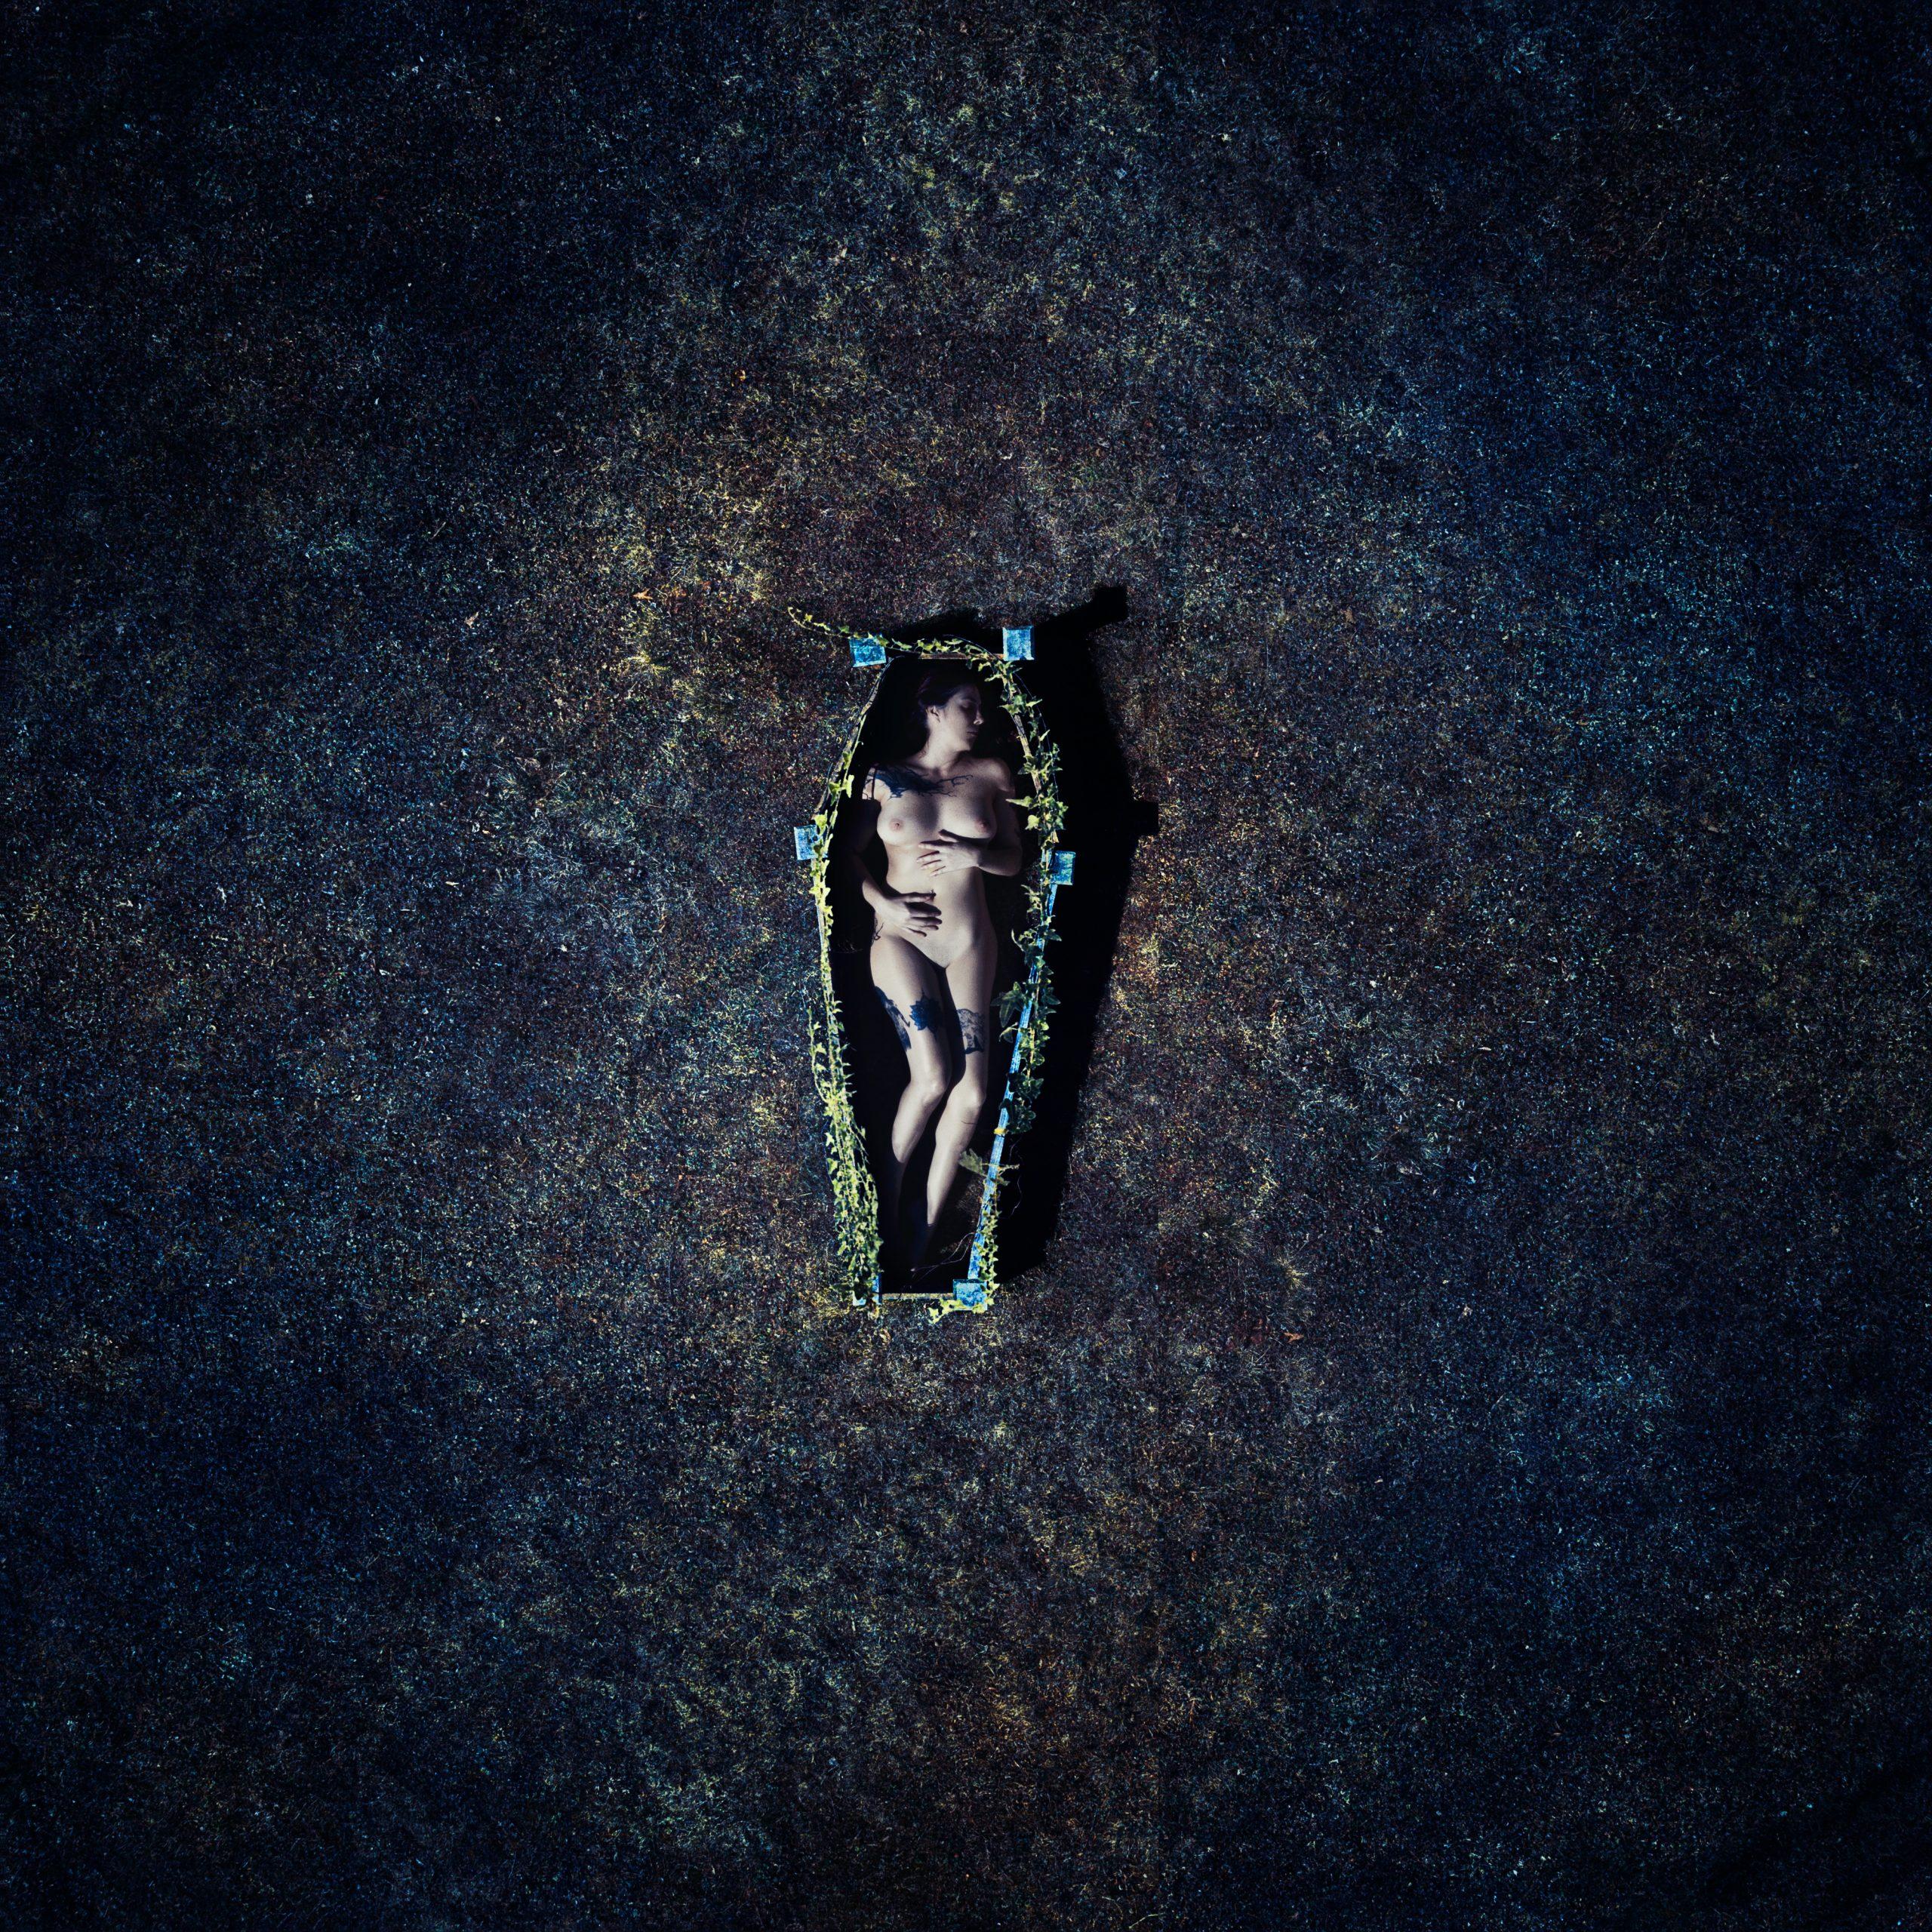 drone self portrait, death, coffin